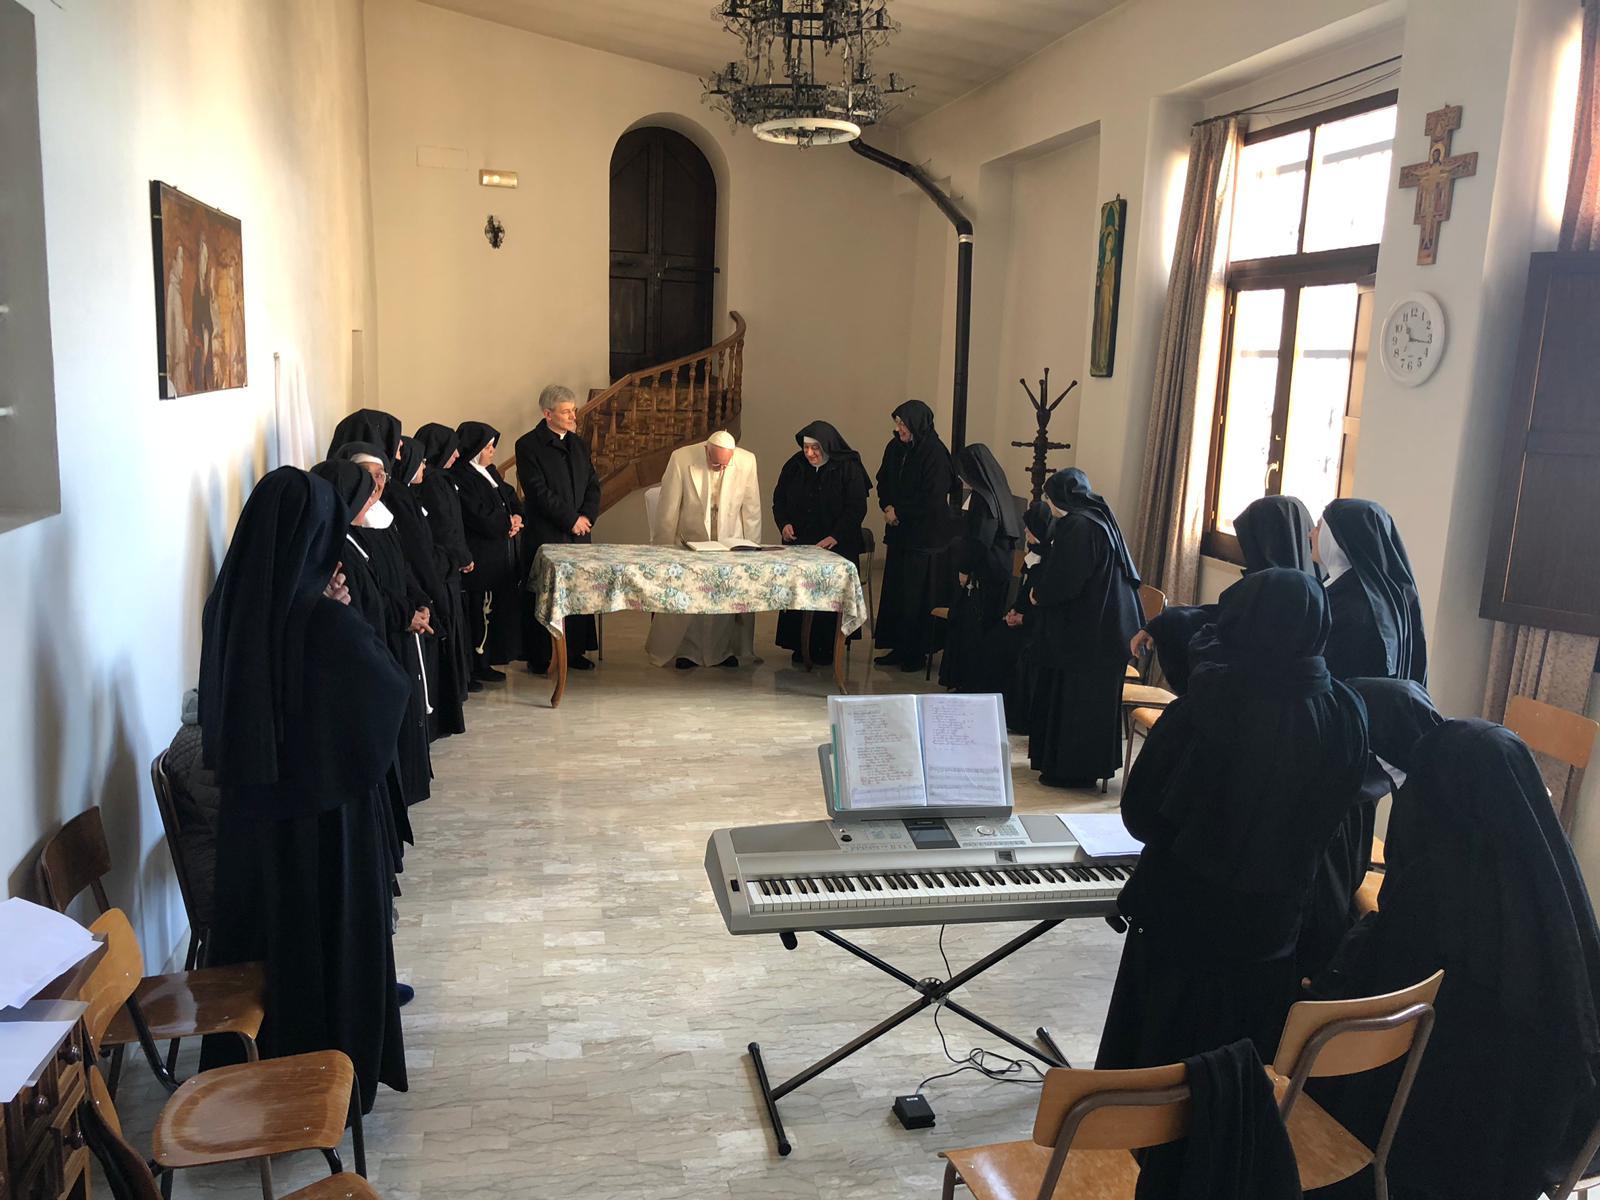 Monastère de clarisses de Vallegloria © Bureau de presse du Saint-Siège